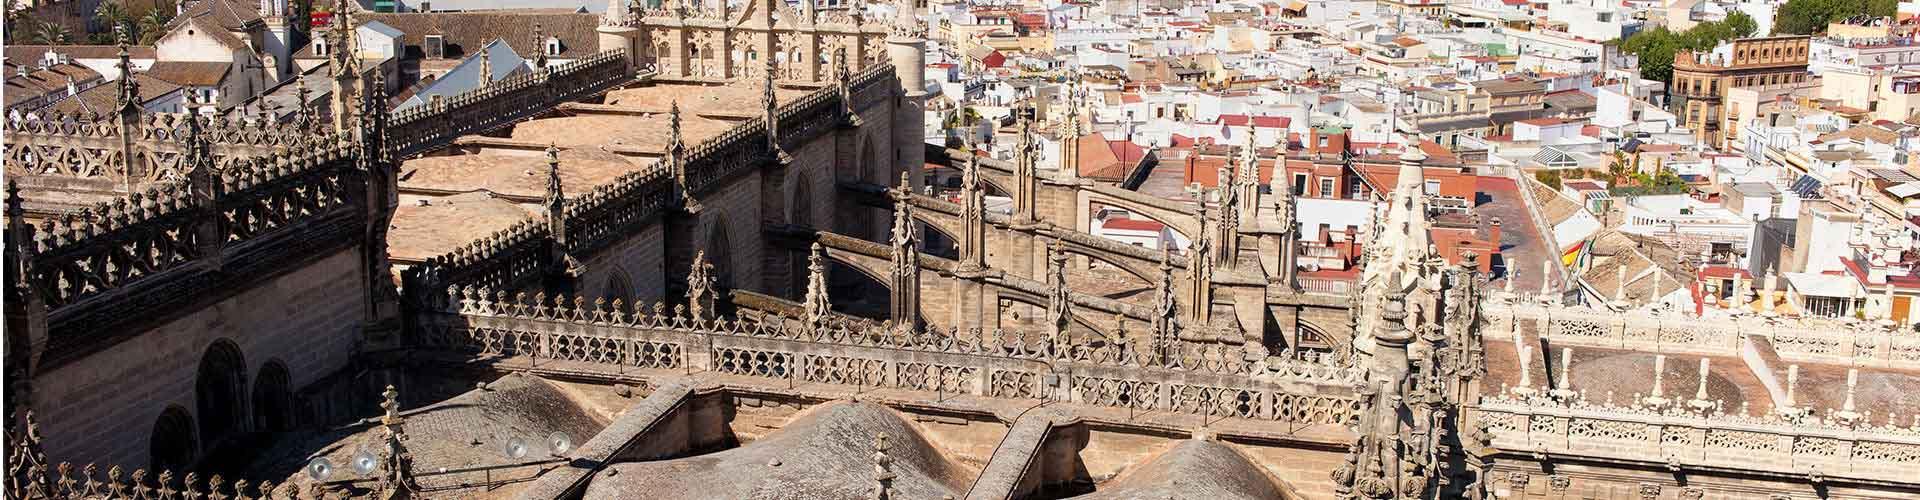 Seville - Auberges de jeunesse dans le quartier de El Arenal. Cartes pour Seville, photos et commentaires pour chaque auberge de jeunesse à Seville.